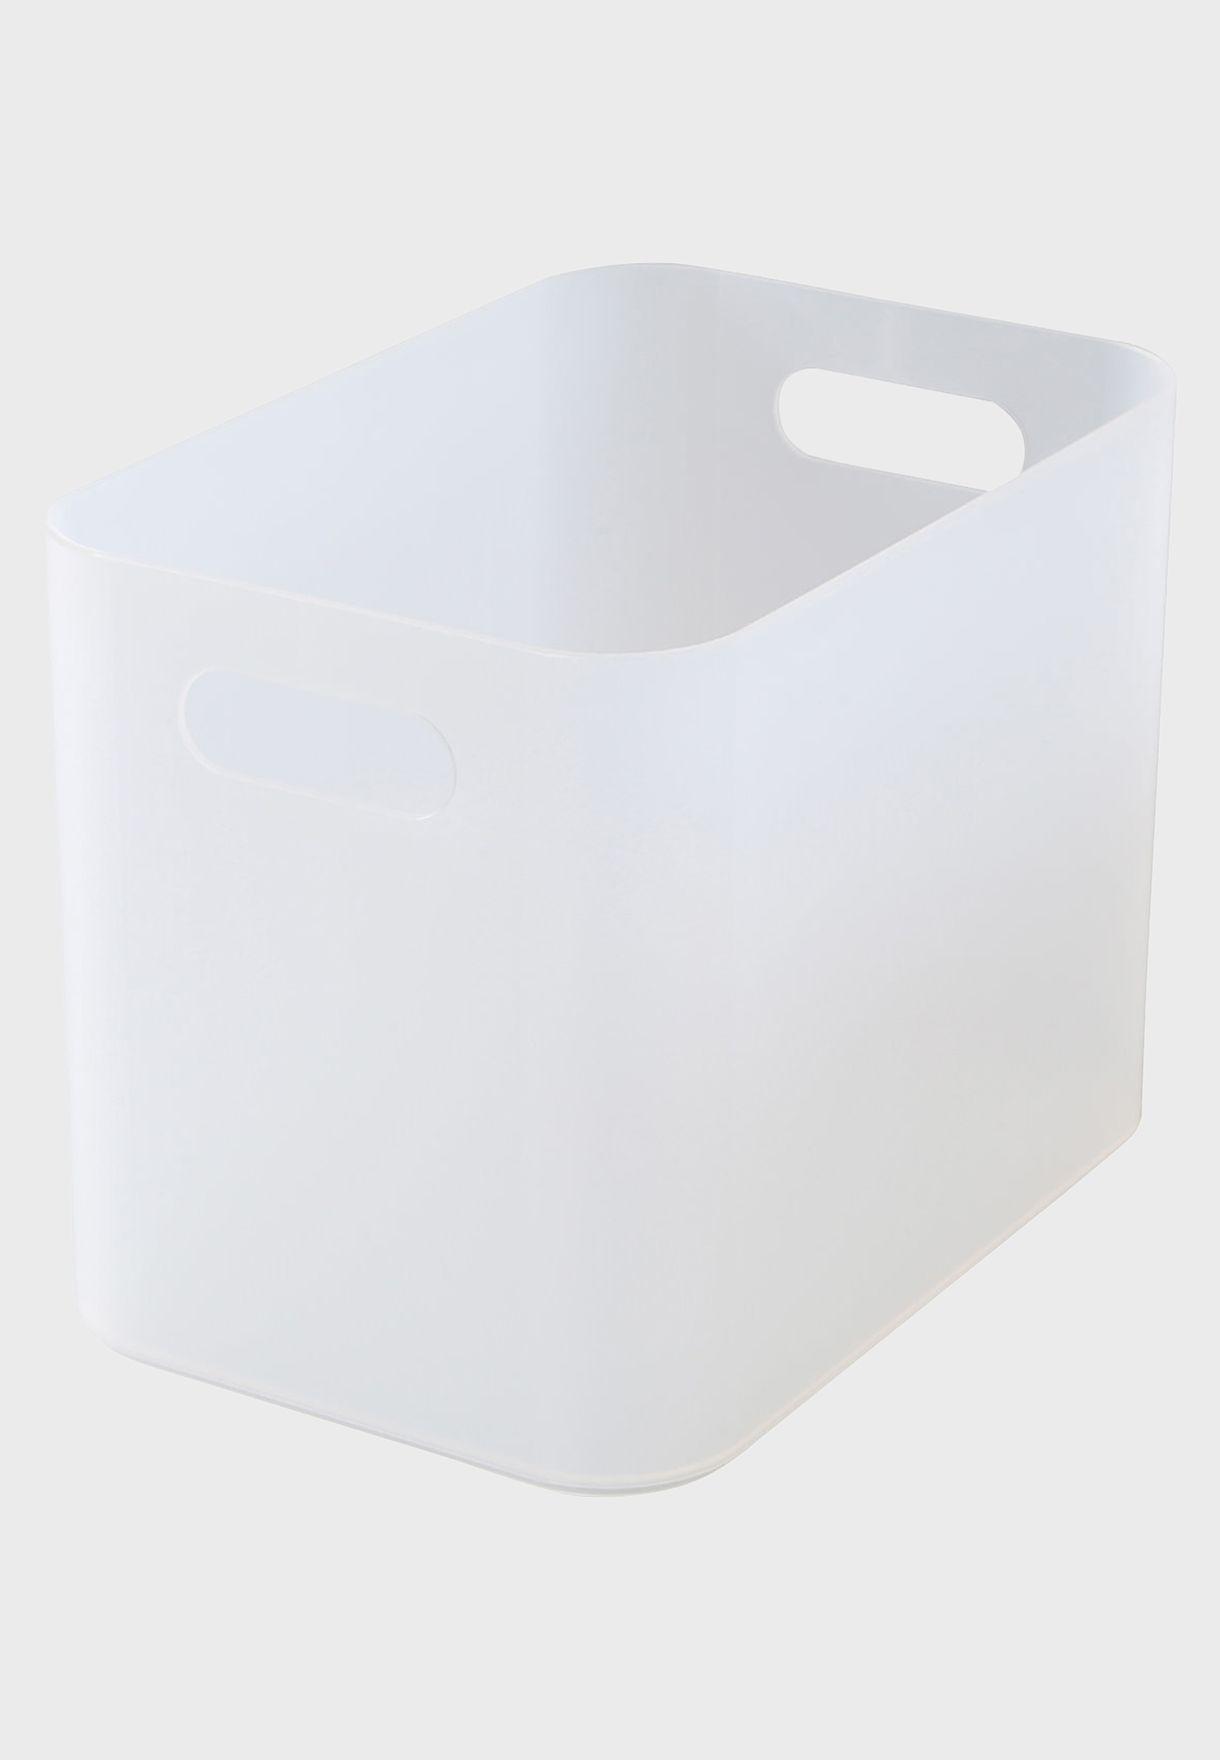 صندوق تجميل Pp